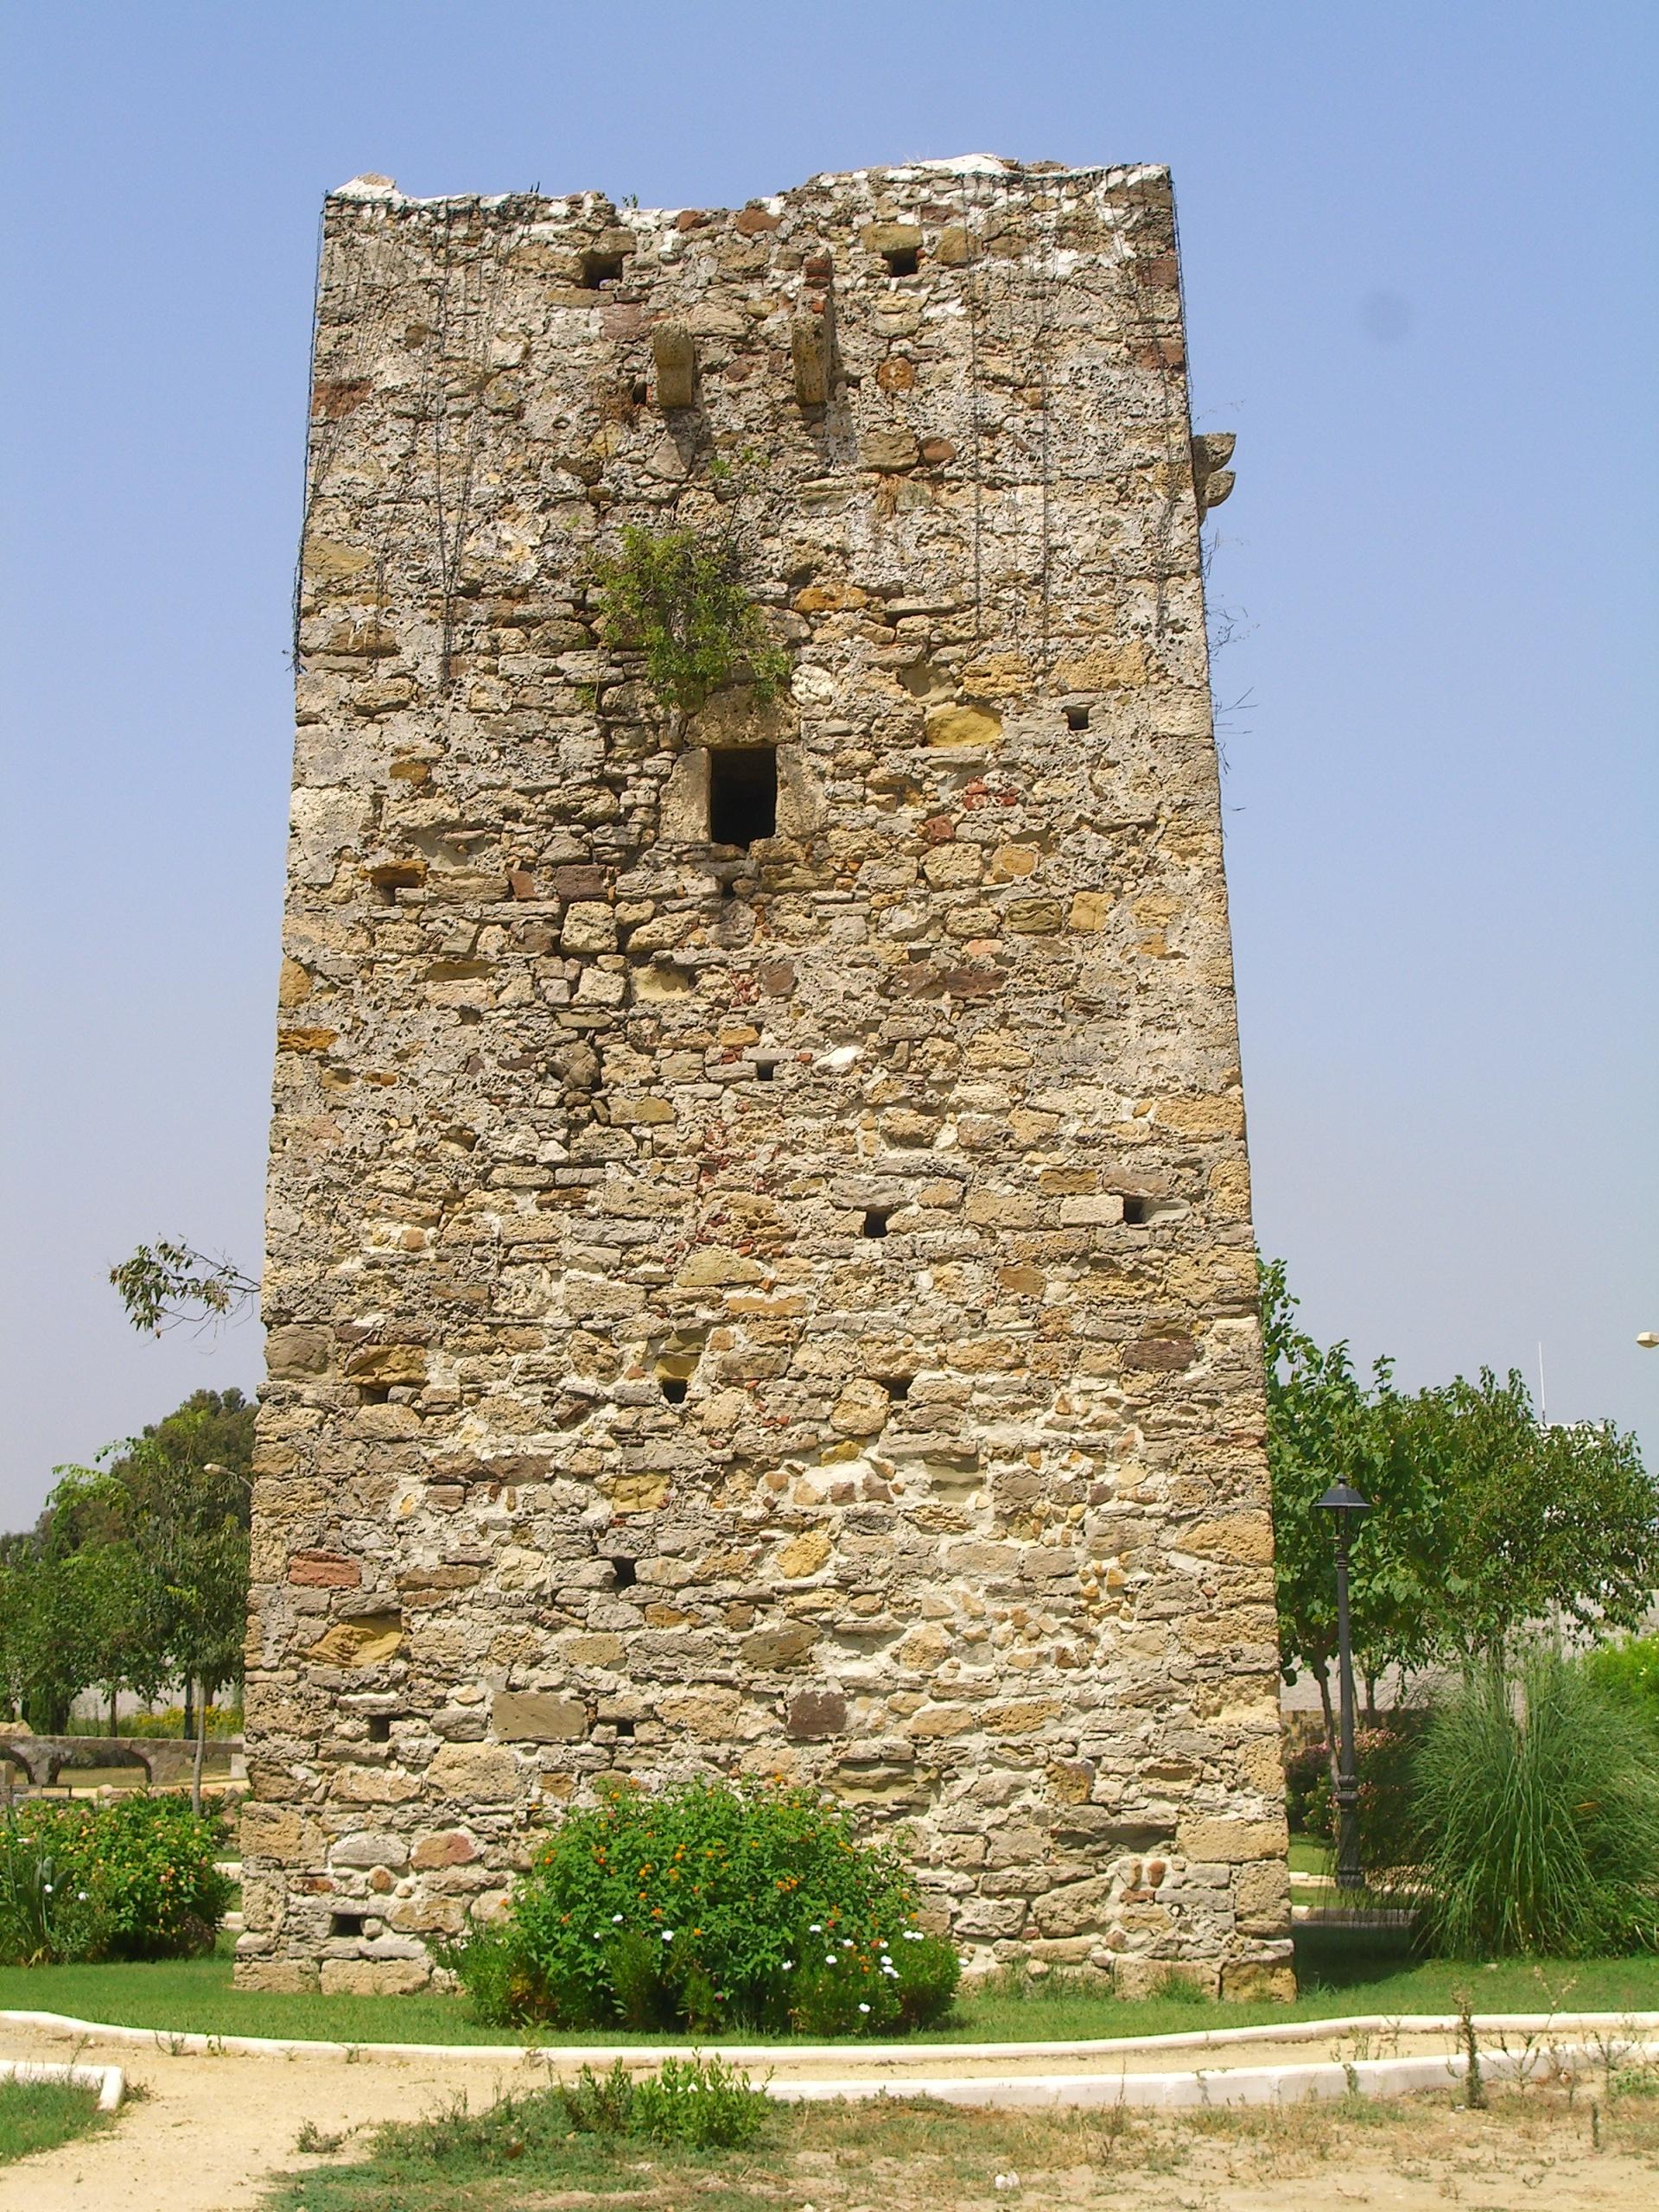 Foto playa Palmones. Torre Vigía de Entreríos, año 1588, próxima a la desembocadura río Palmones , Algeciras (Cádiz) / vigilance´s tower built at 1588